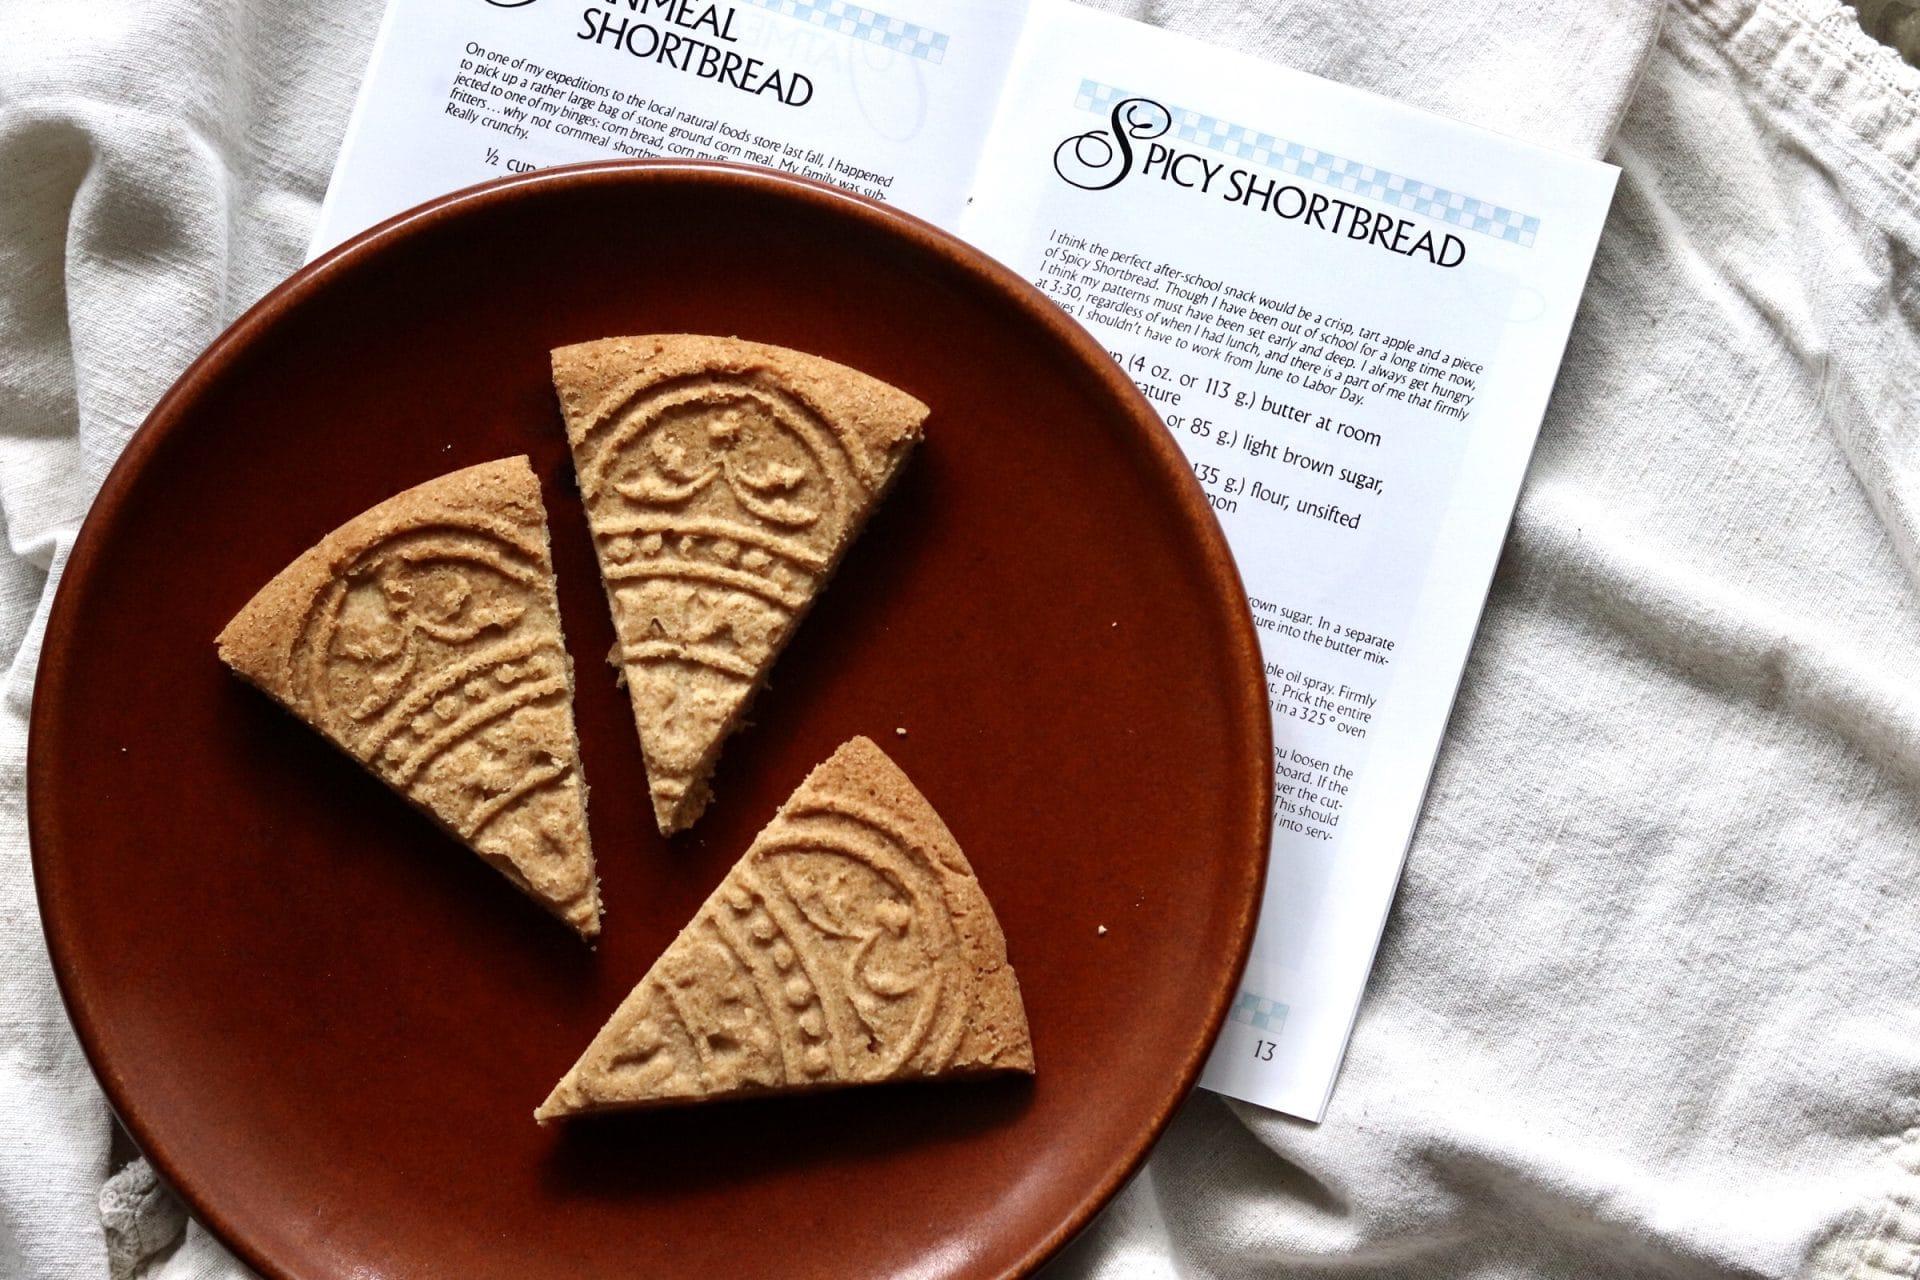 Spicy Shortbread Recipe